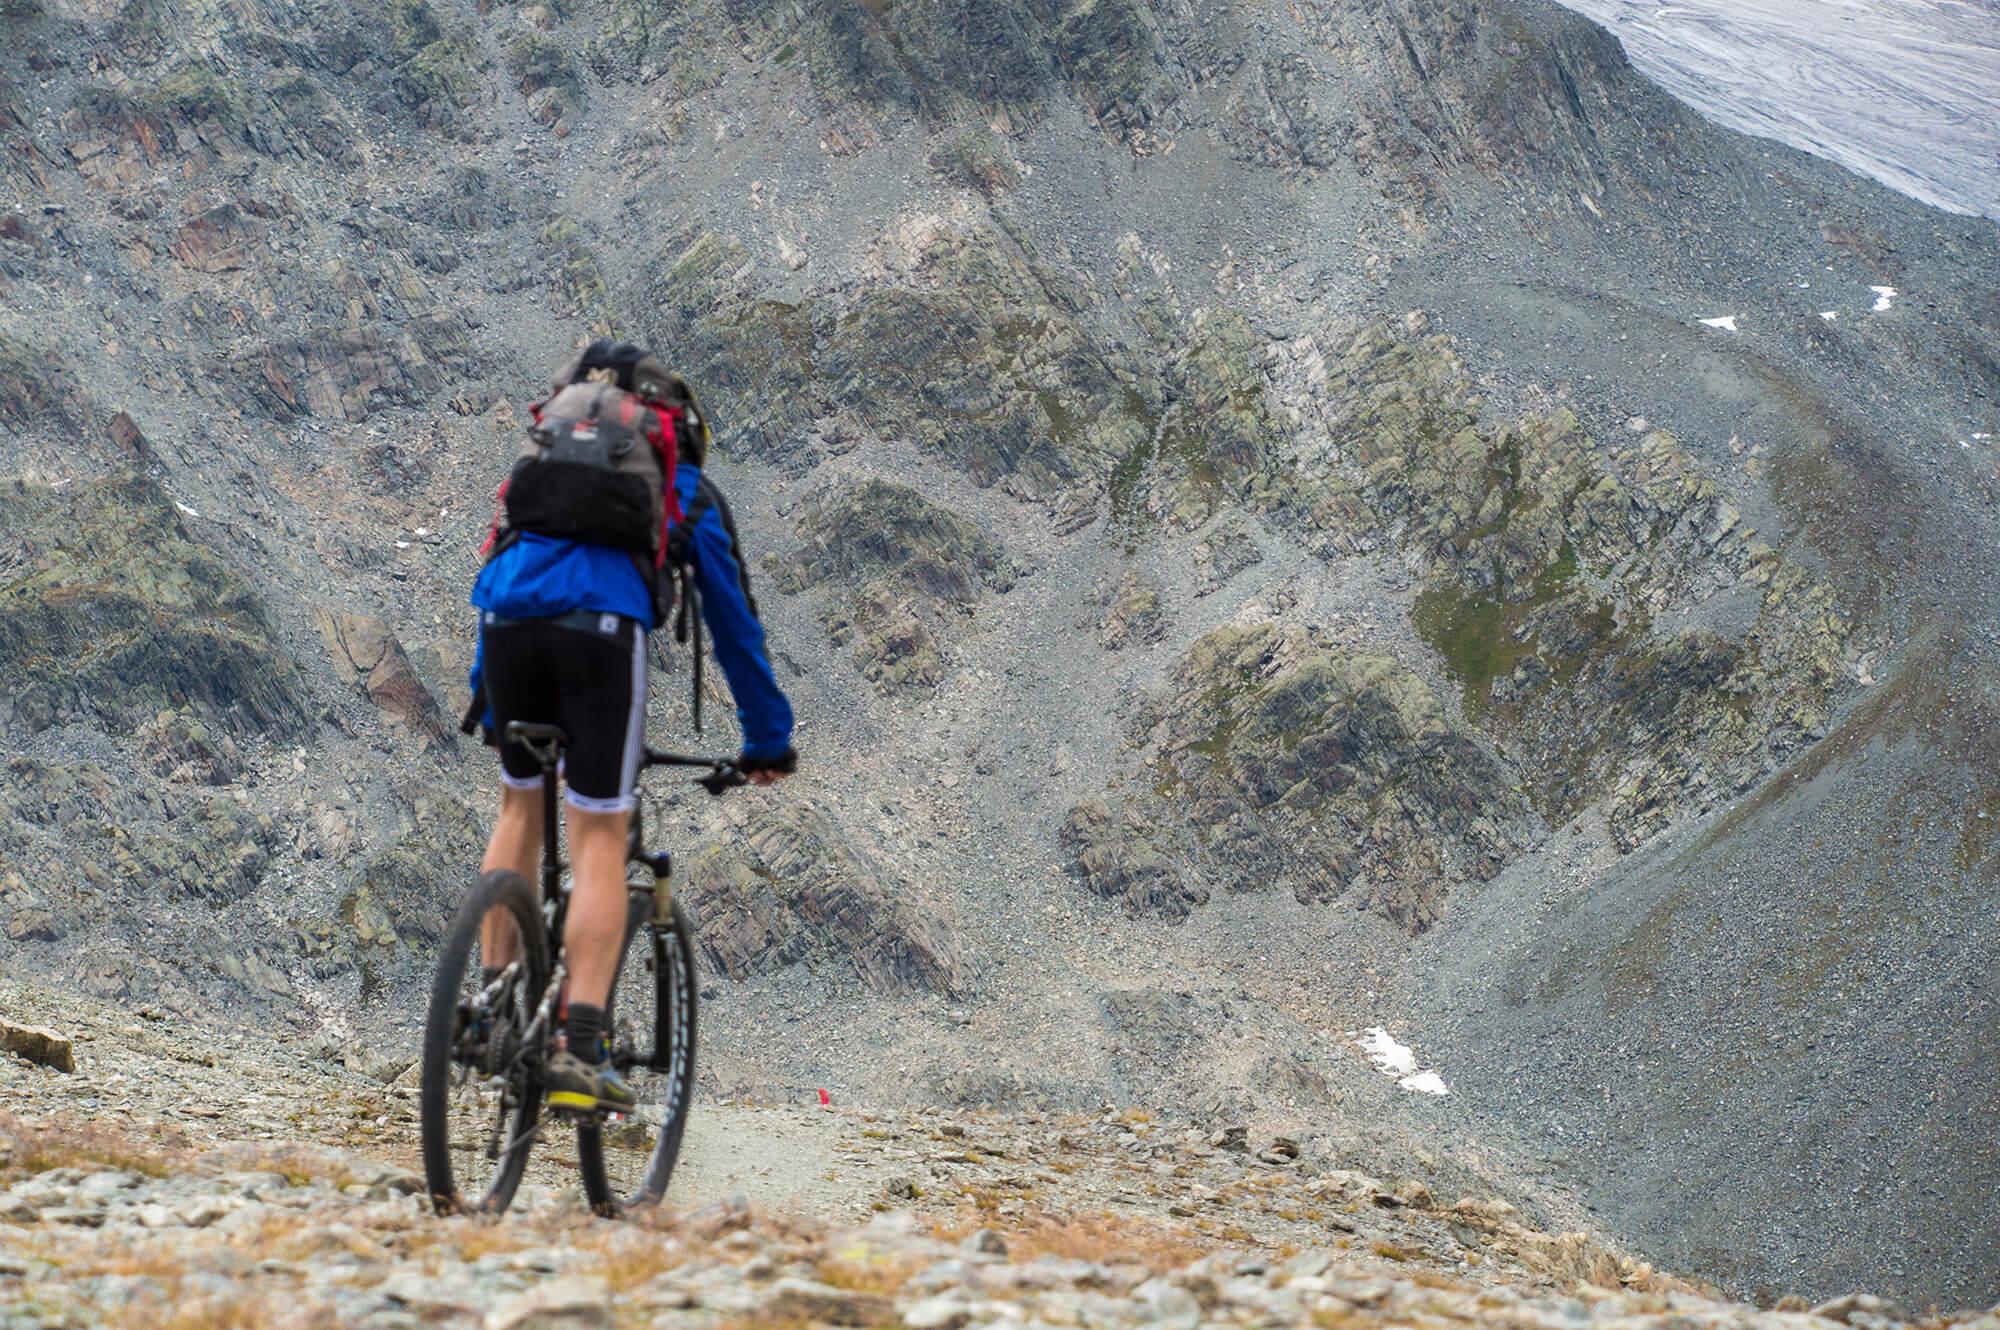 Bike or E-bike